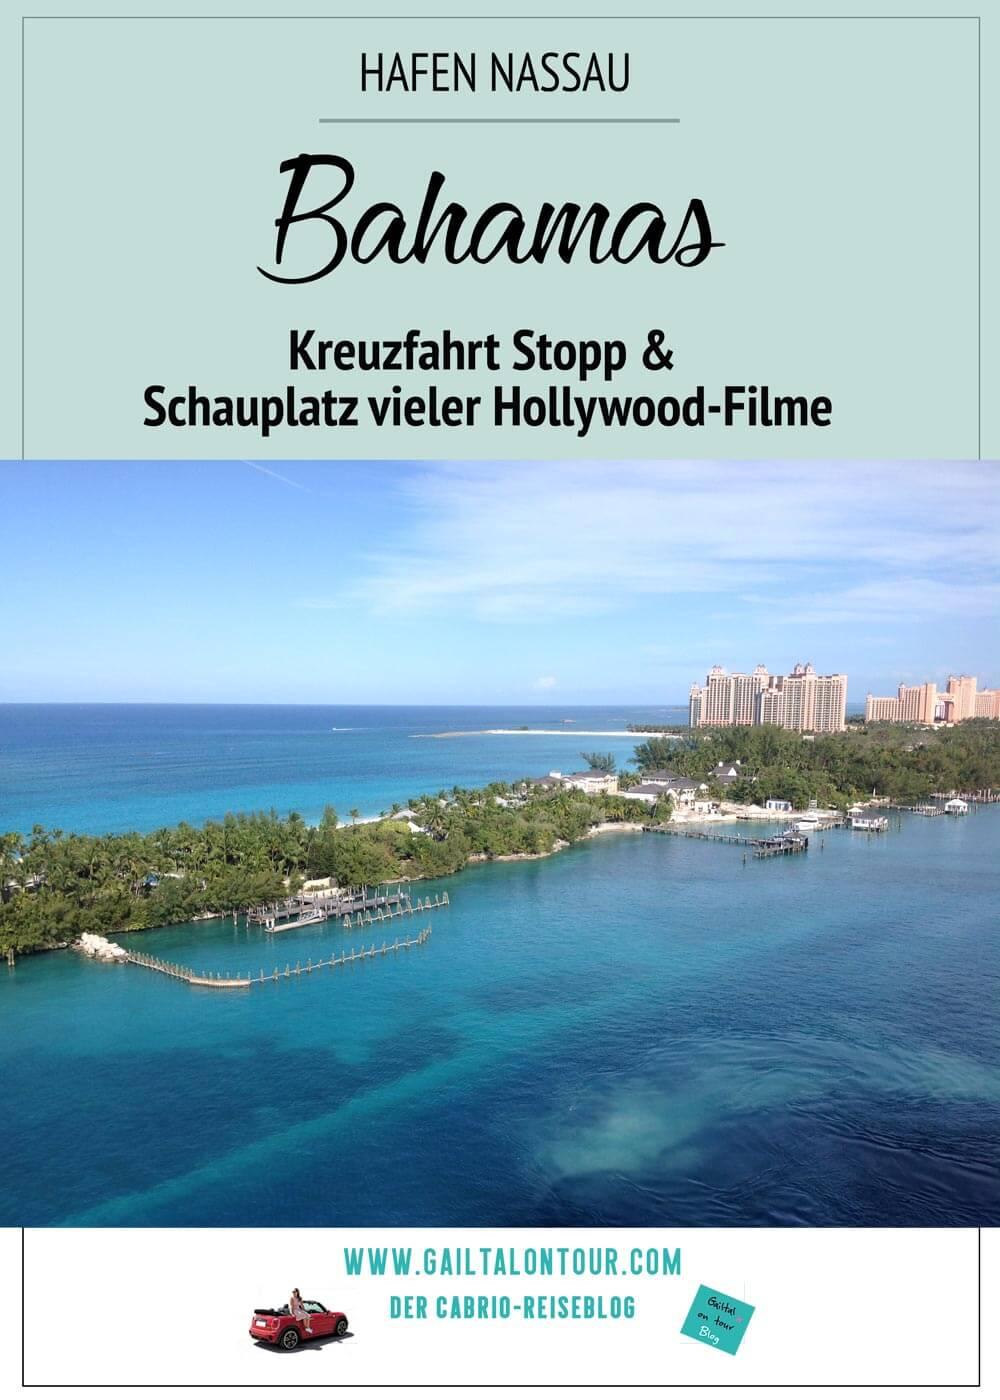 bahamas-nassau-kreuzfahrt-tipps